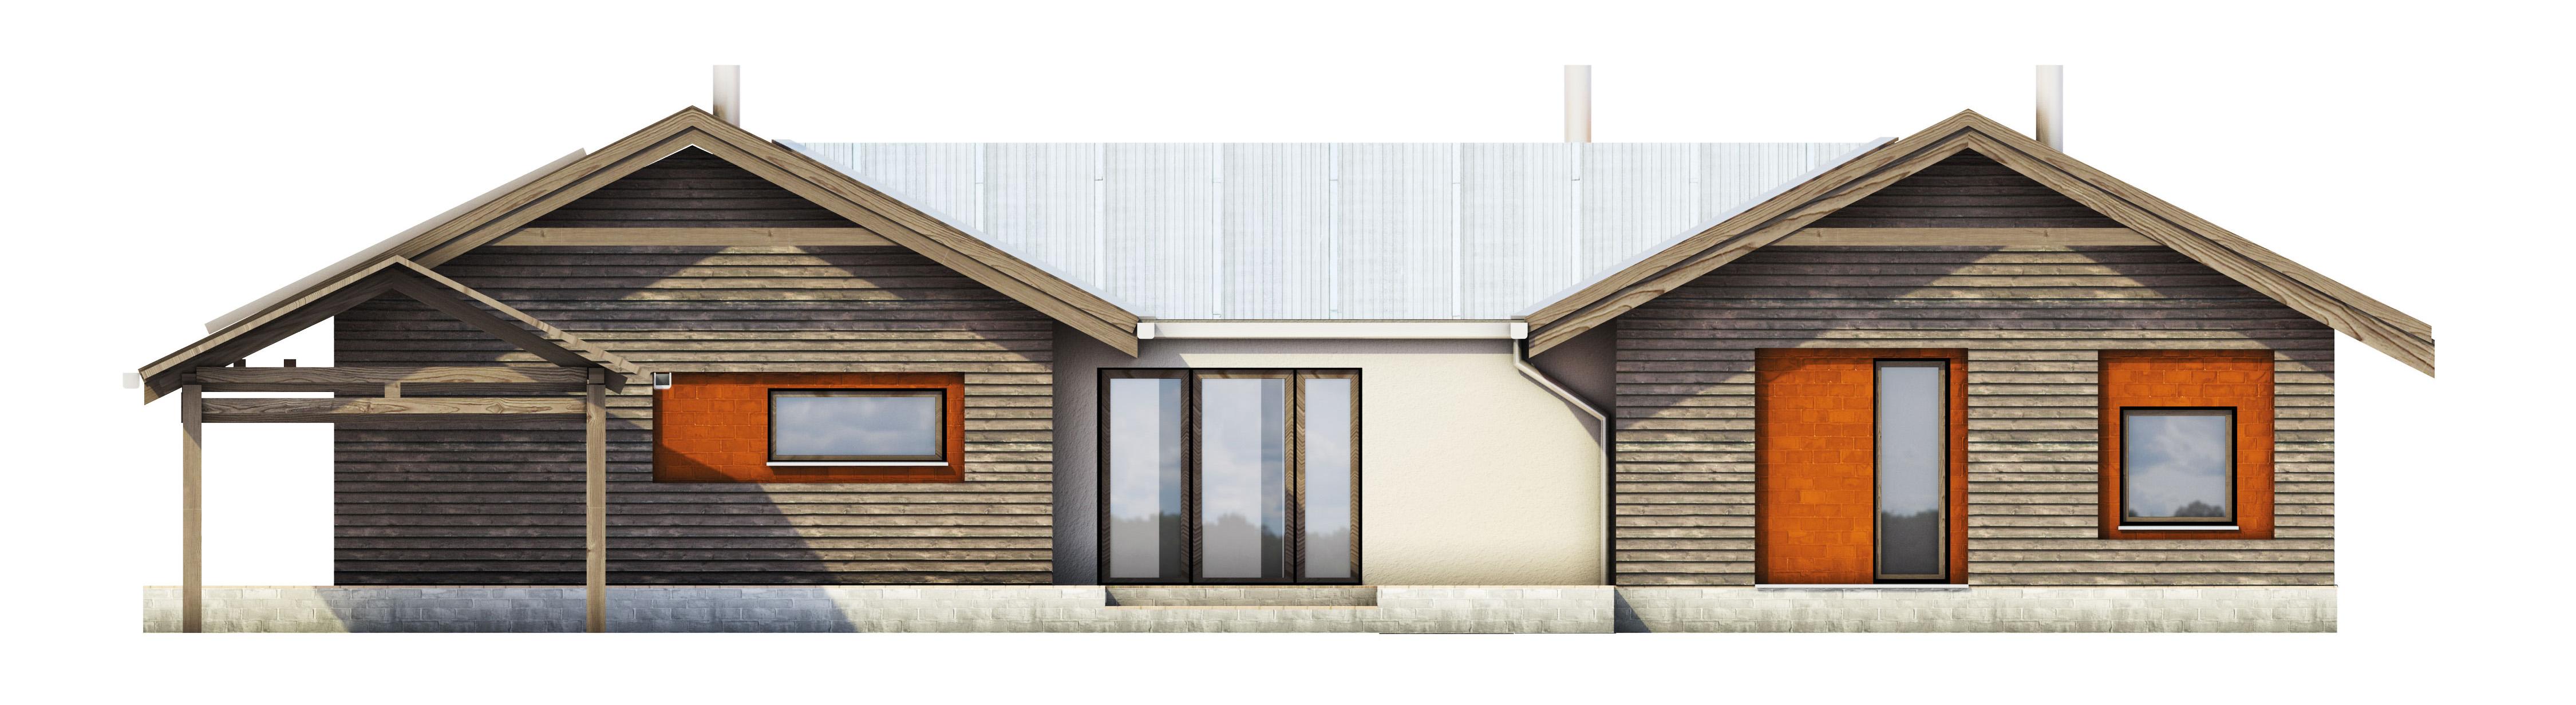 Projekt domu TARASOWY Domy Czystej Energii elewacja frontowa